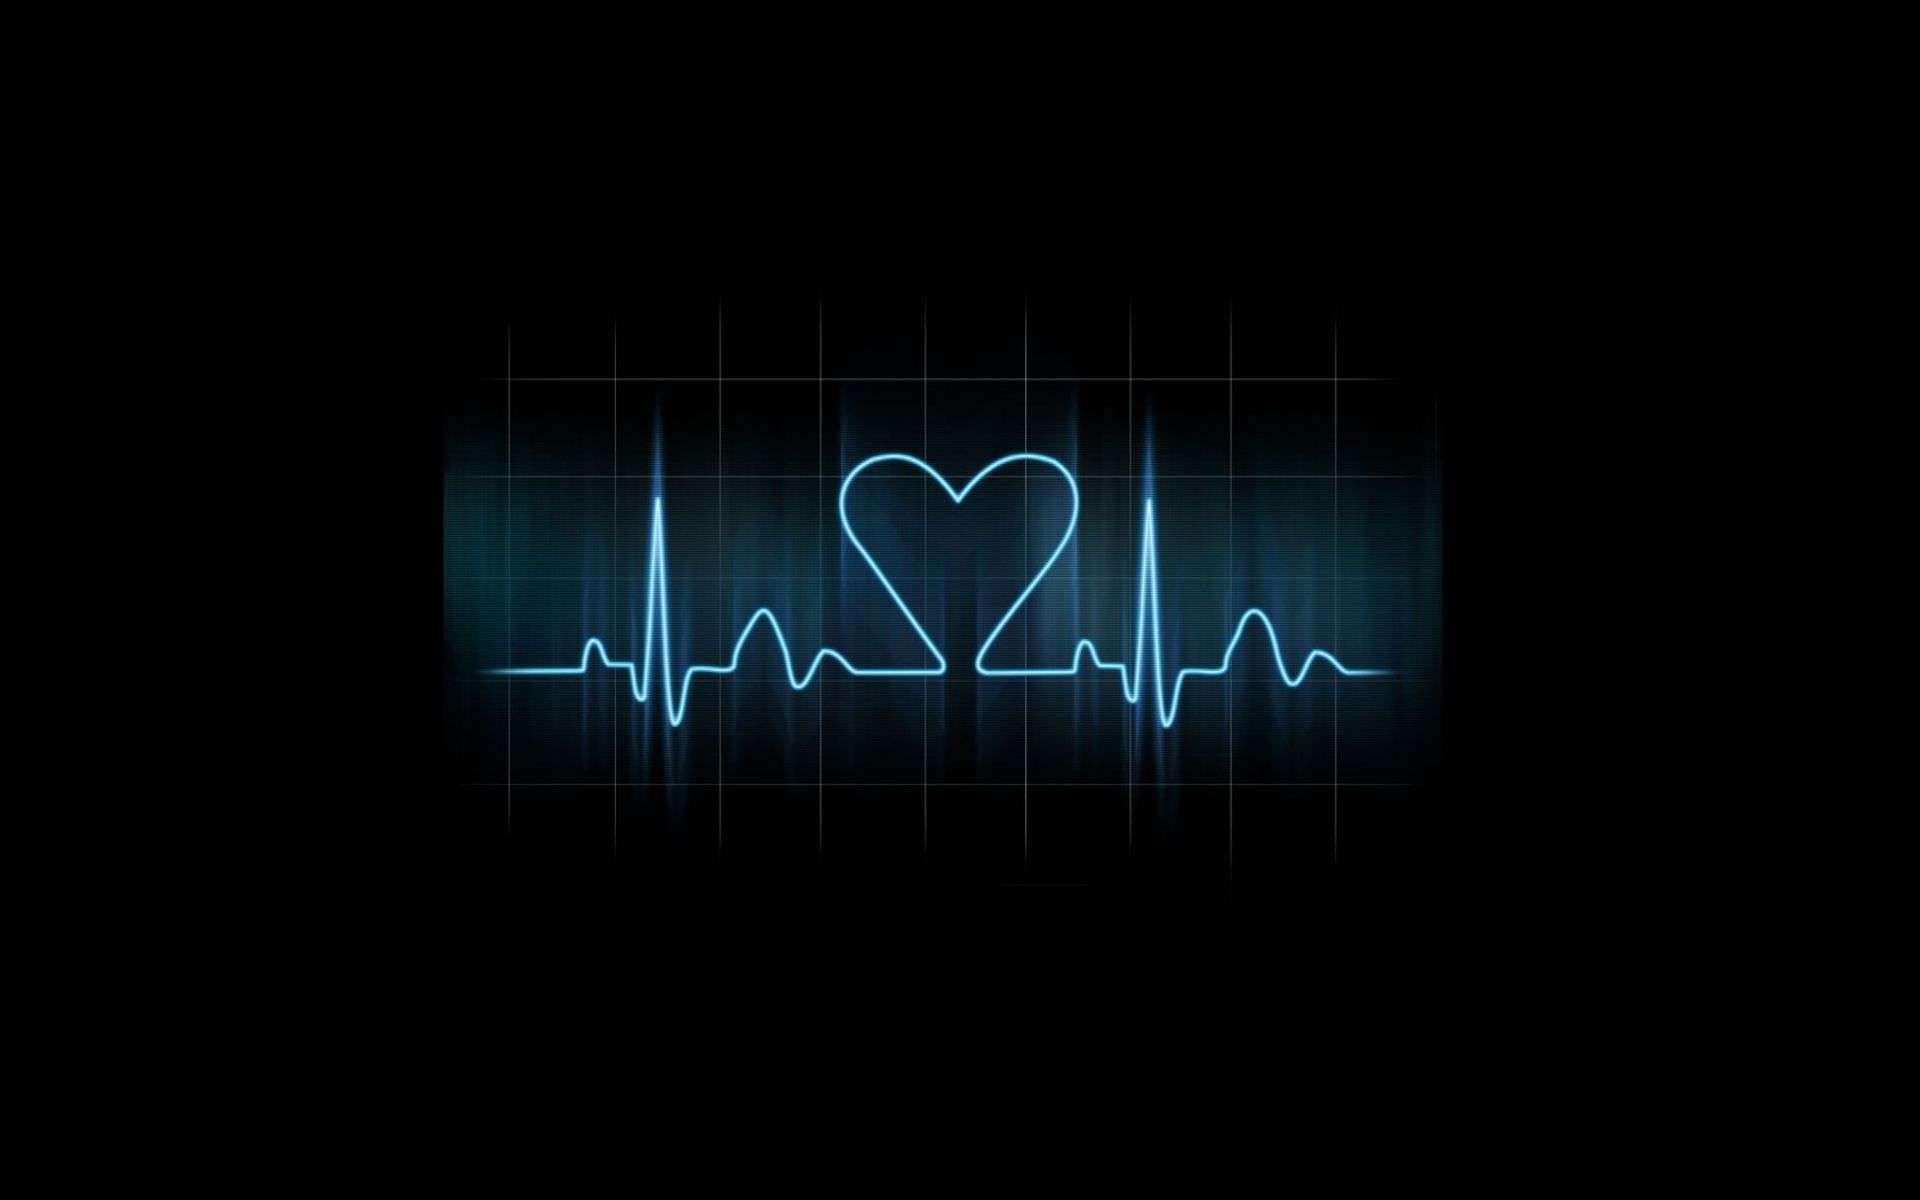 Love Heart Wave Hd Wallpaper Heart Disease Tattoo In A